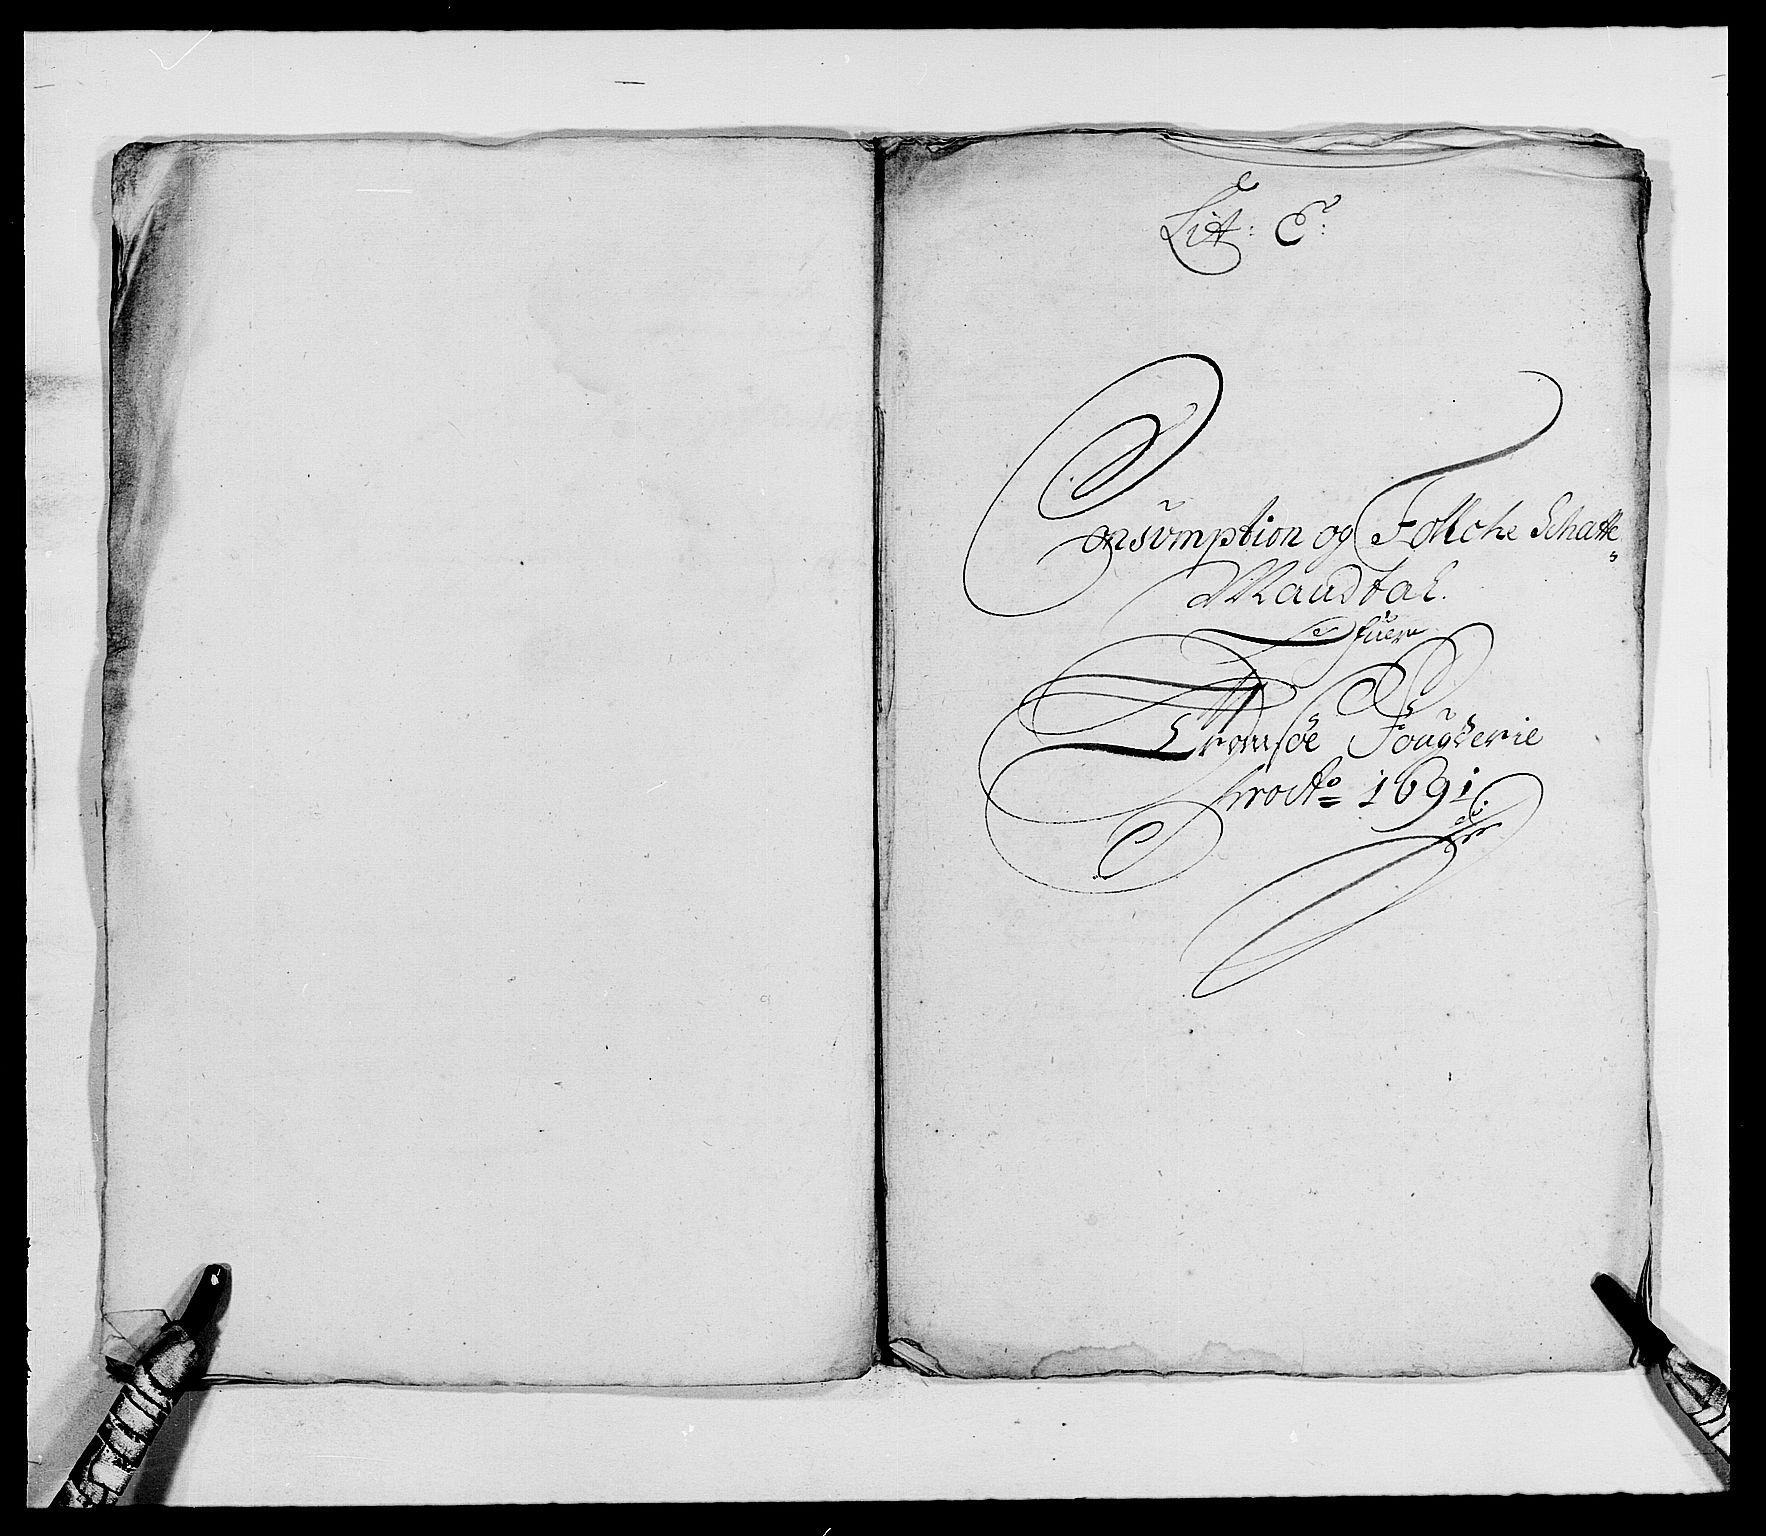 RA, Rentekammeret inntil 1814, Reviderte regnskaper, Fogderegnskap, R68/L4751: Fogderegnskap Senja og Troms, 1690-1693, s. 114